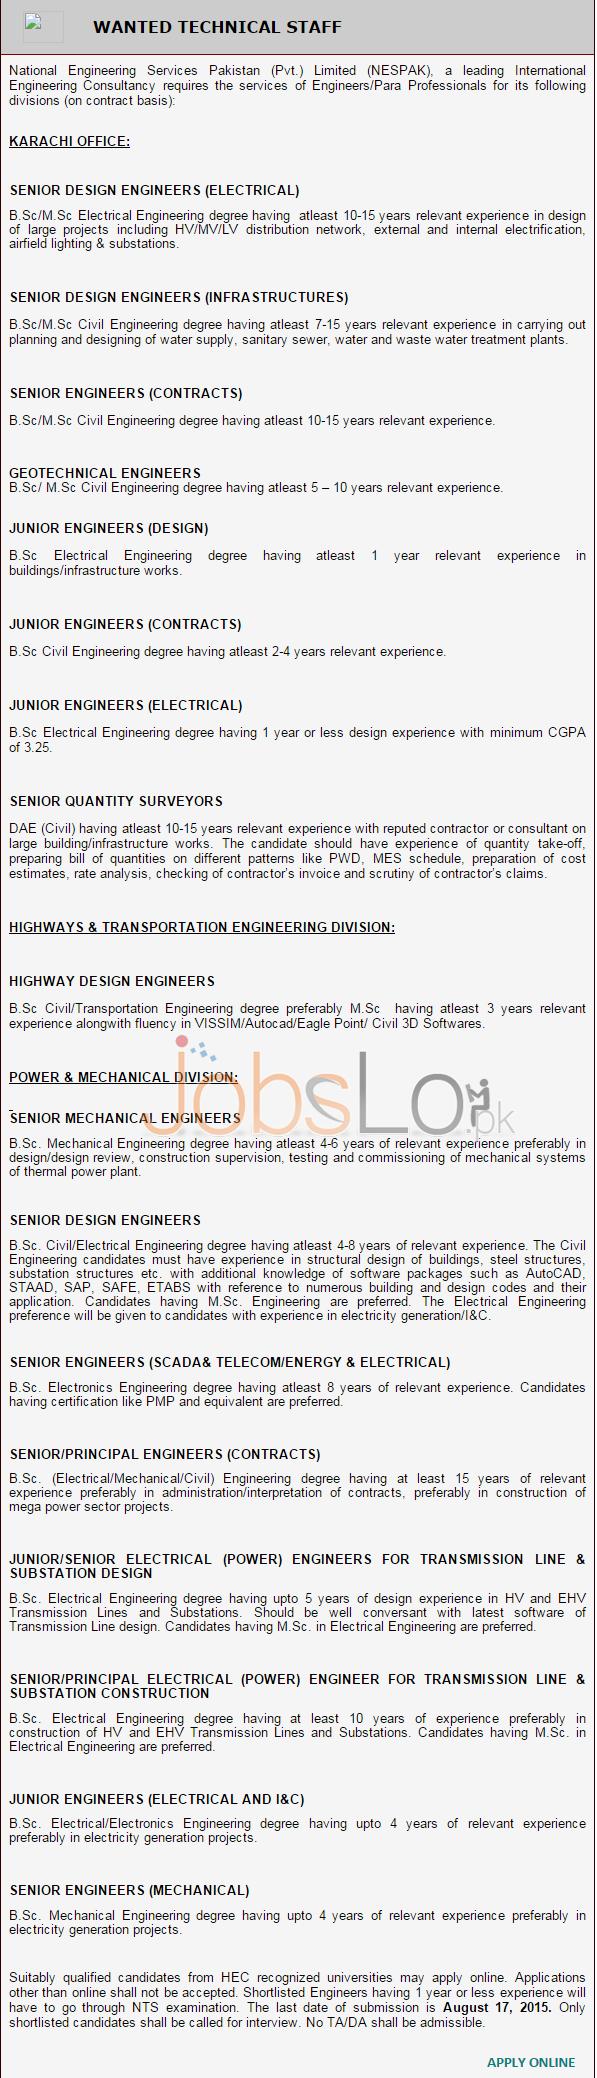 NESPAK Jobs August 2015 Technical Staff Apply Online